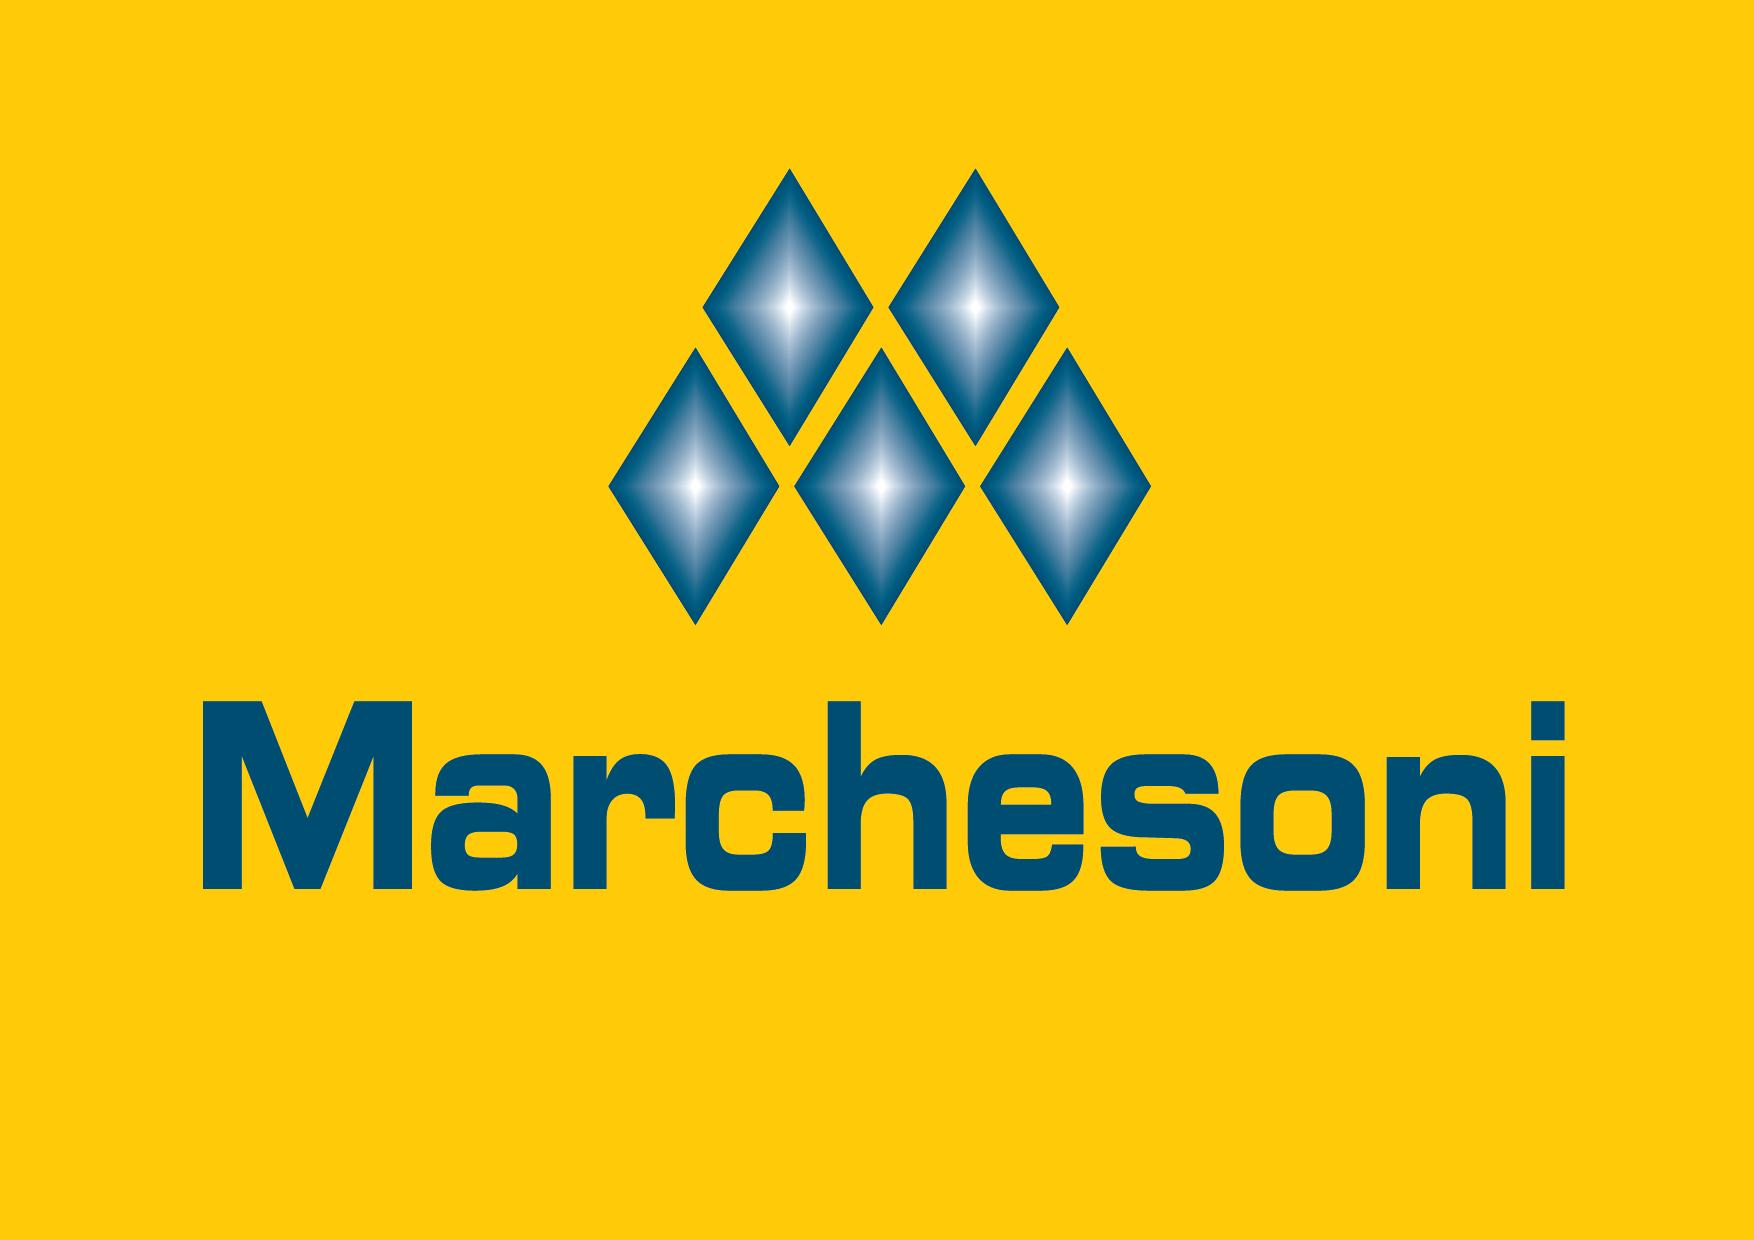 KIT com 15 Torres de Chopp MarcBeer e 15 Refil Extra Marchesoni 2,5 Litros - MB.2.250  - Carmel Equipamentos